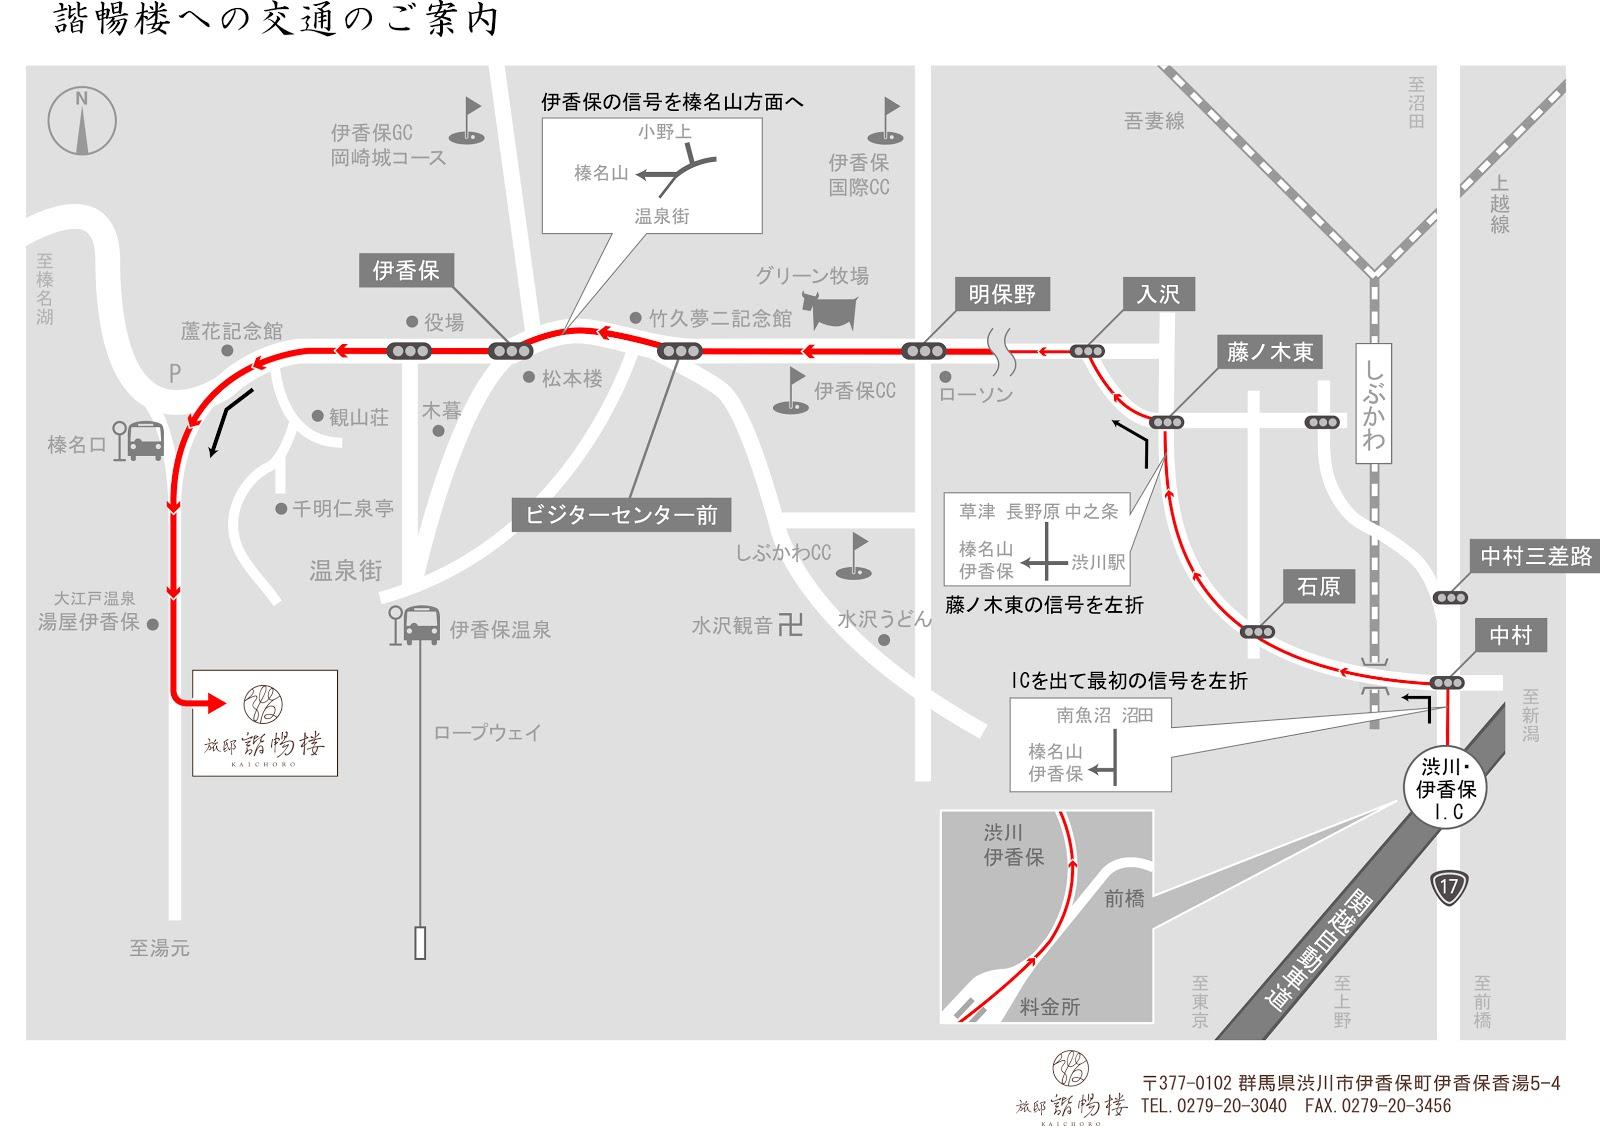 伊香保町内マップ